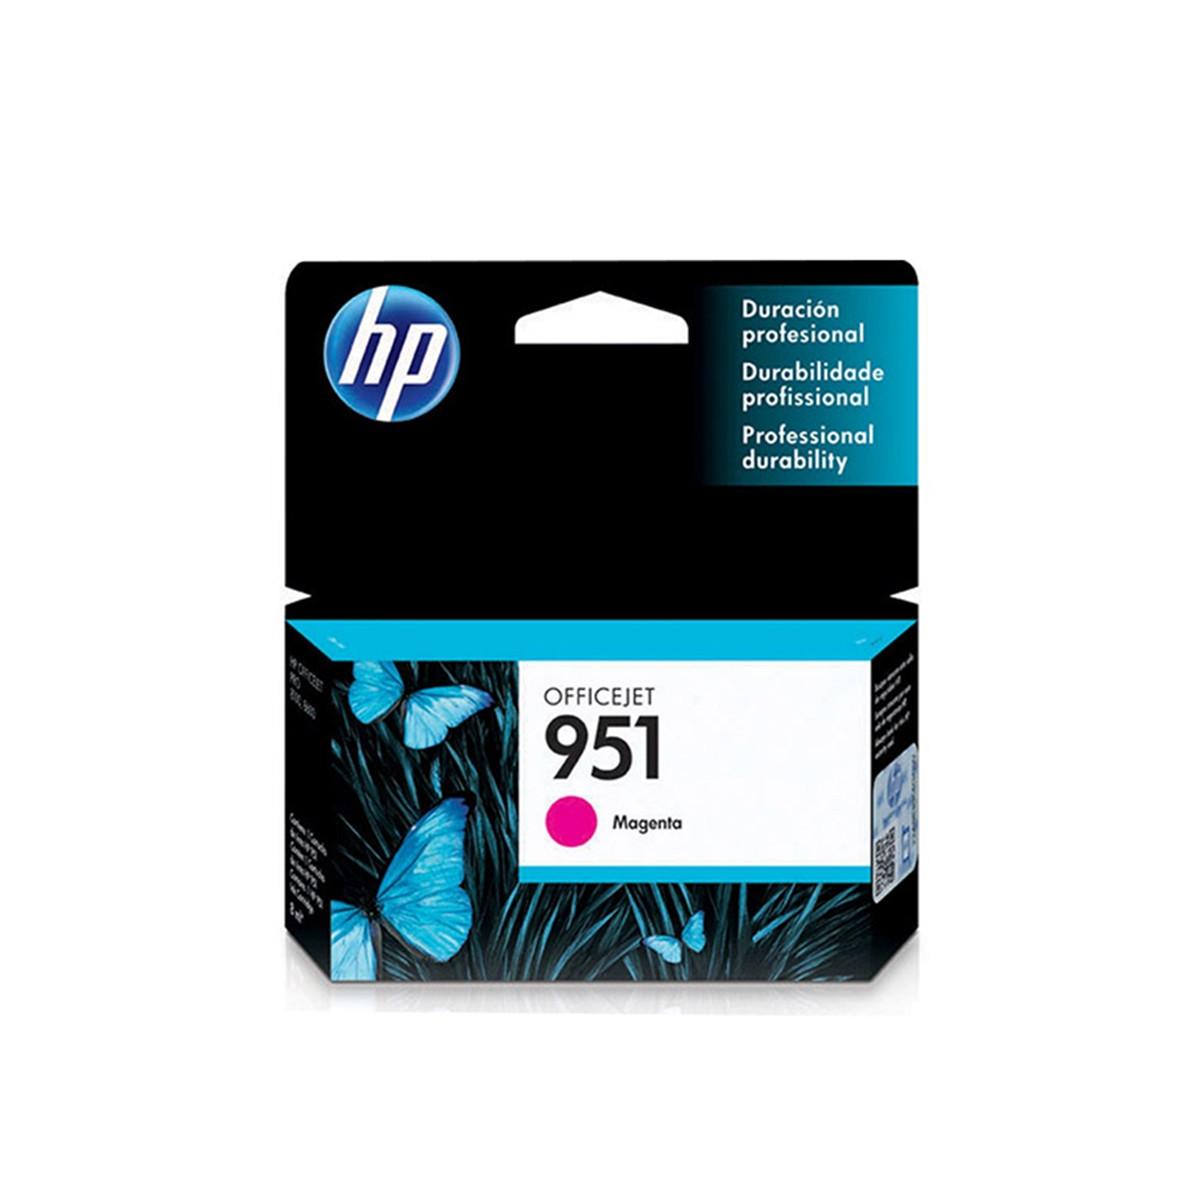 HP CN051AB 951 CARTUCHO DE TINTA MAGENTA 951 (8 ml)